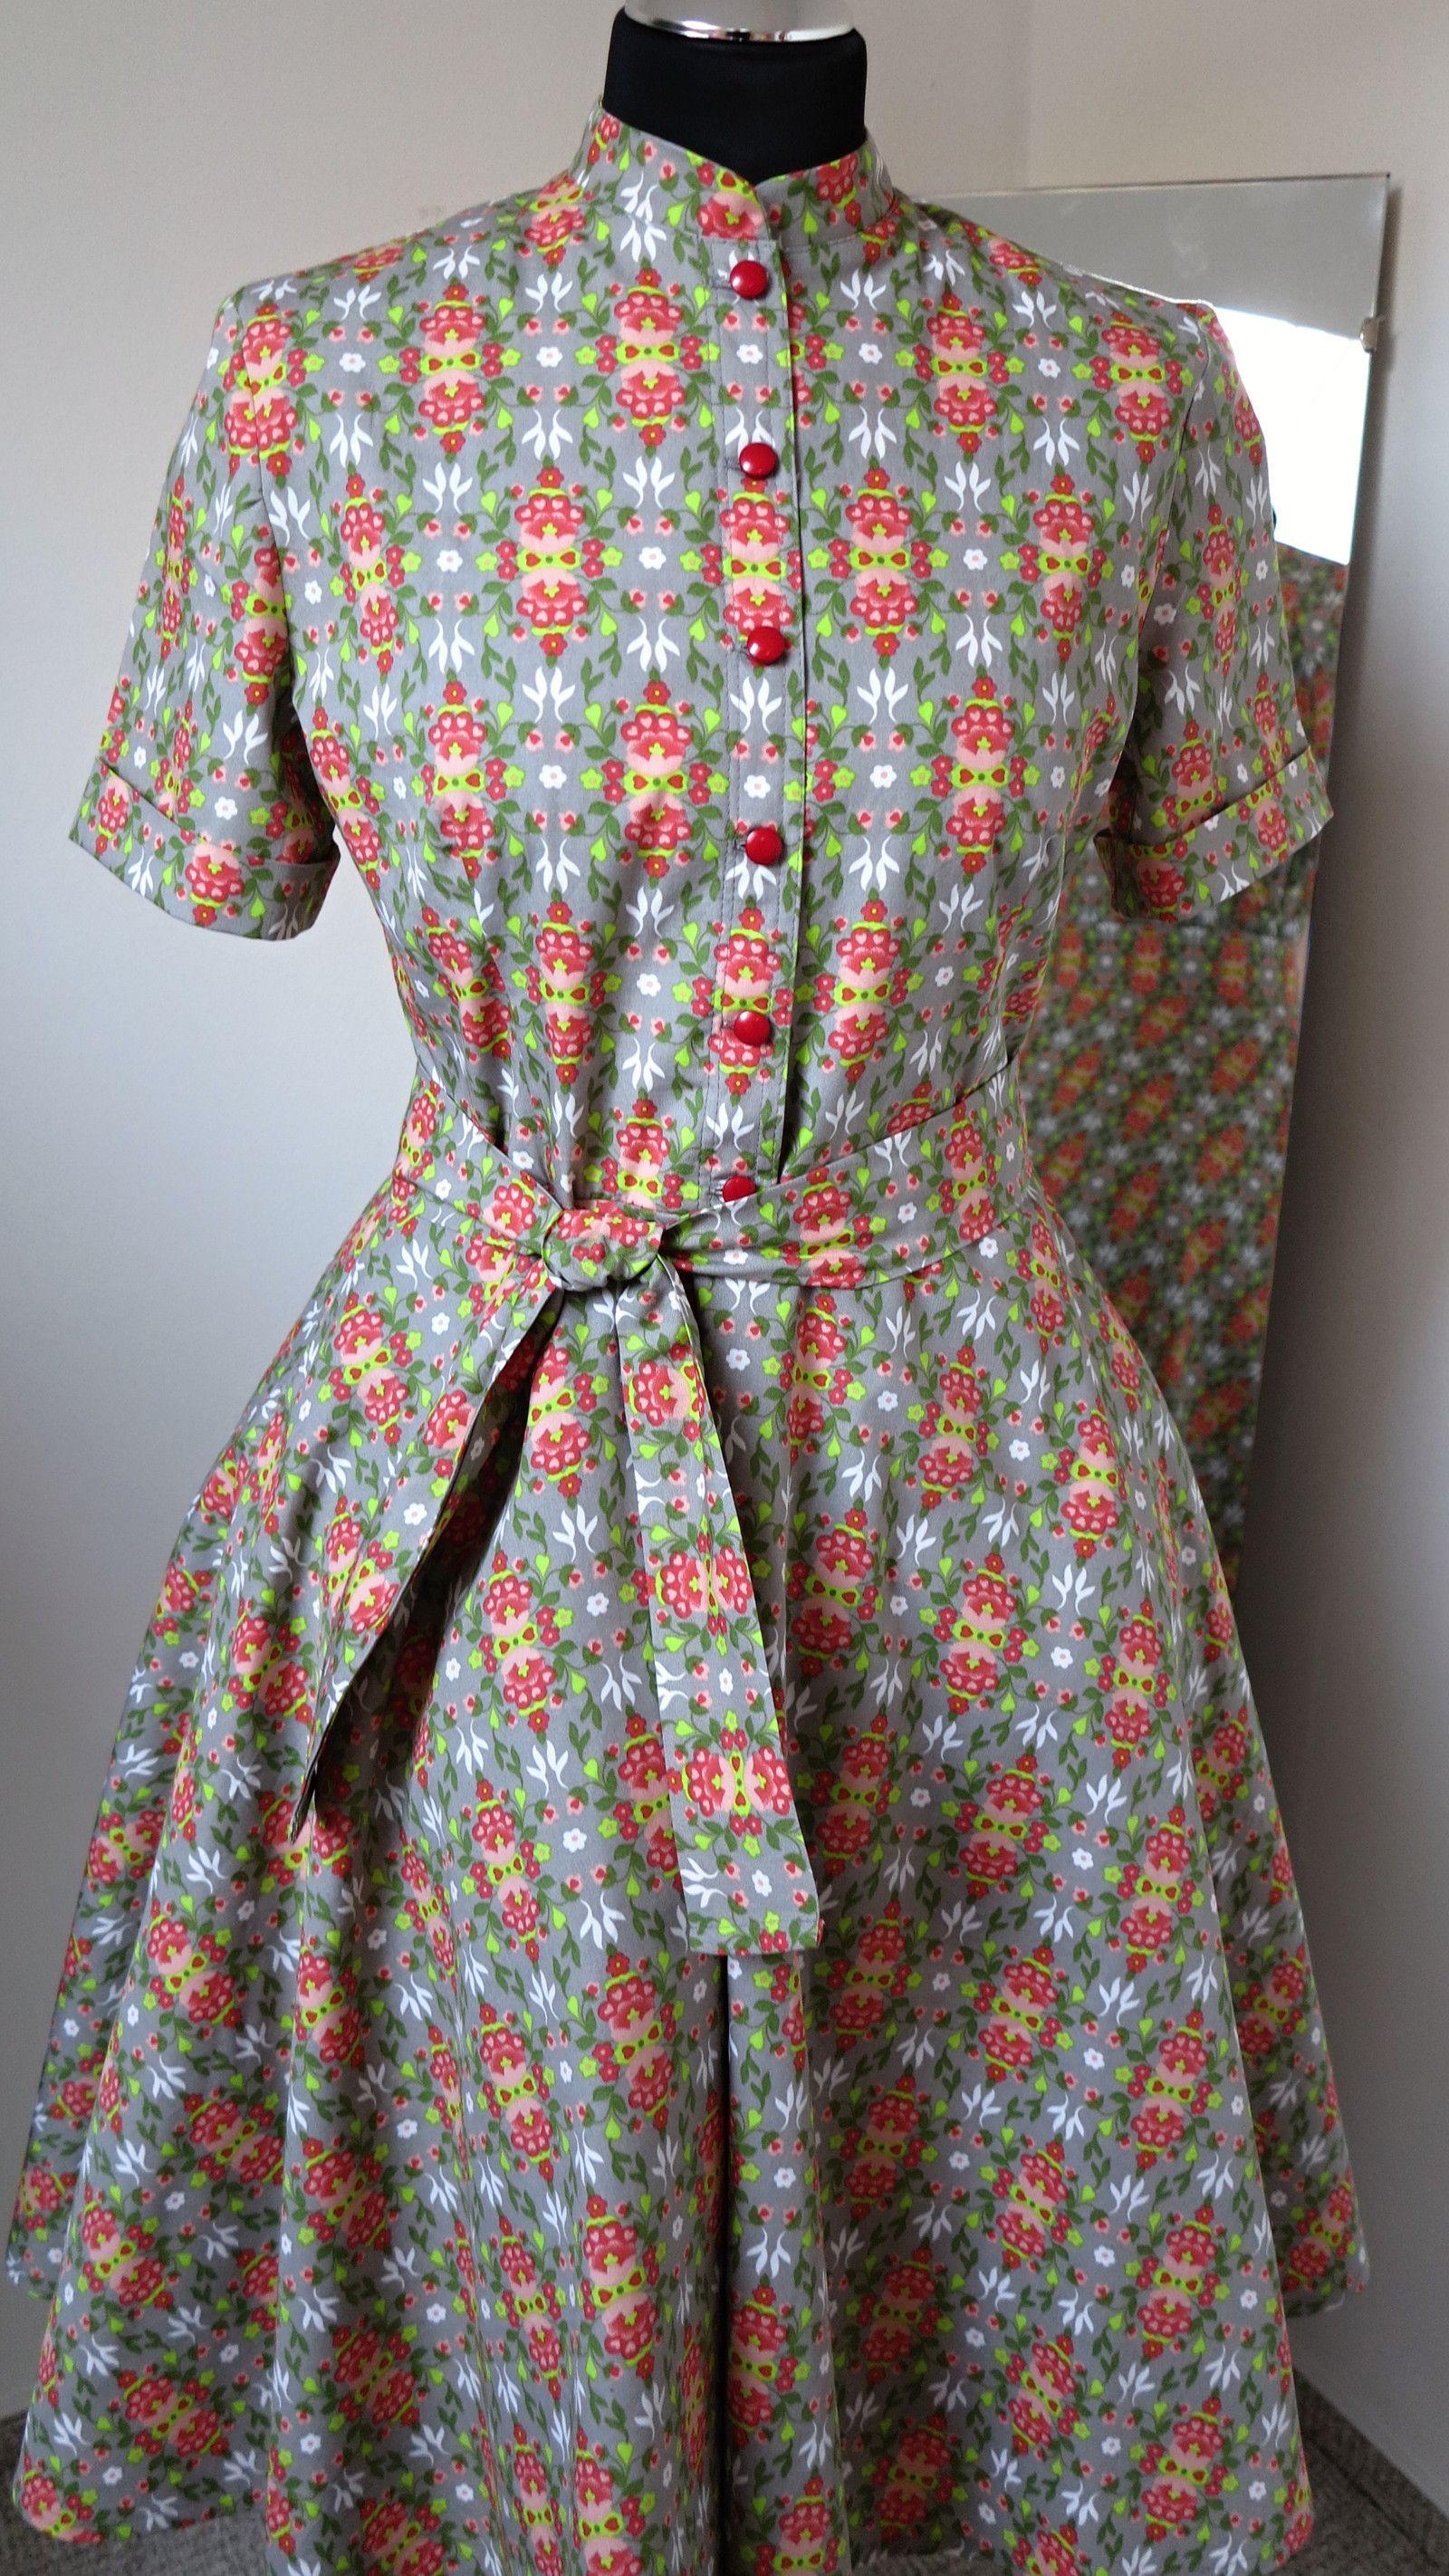 989a53aa3 košilové+šaty+se+stojáčkem+na+míru+šedé+folklorní+tyto+majitelku+již ...